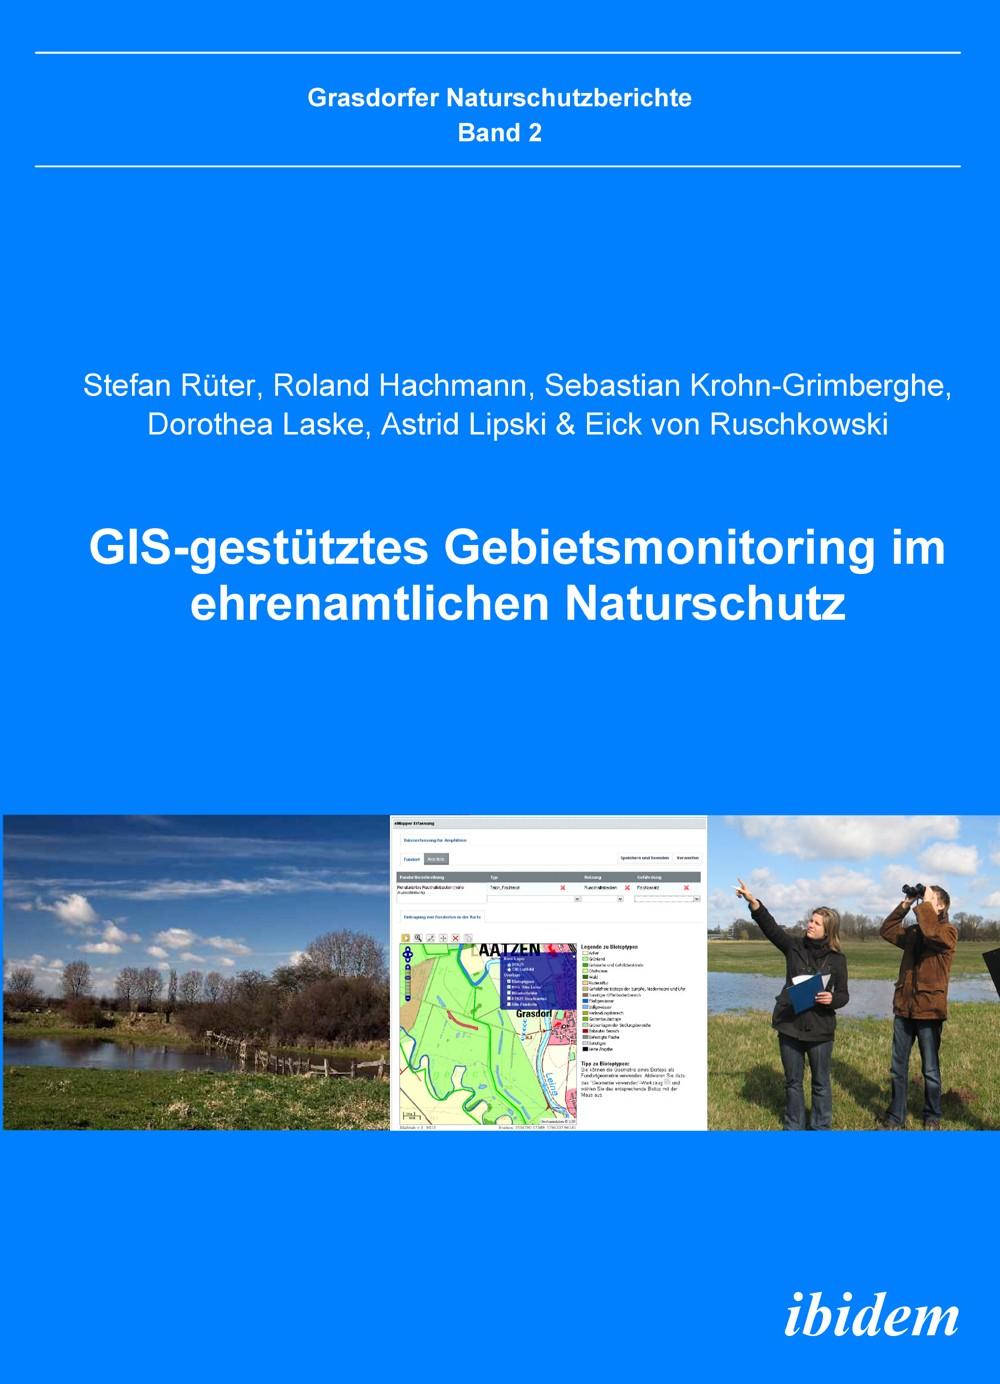 GIS-gestütztes Gebietsmonitoring im ehrenamtlichen Naturschutz